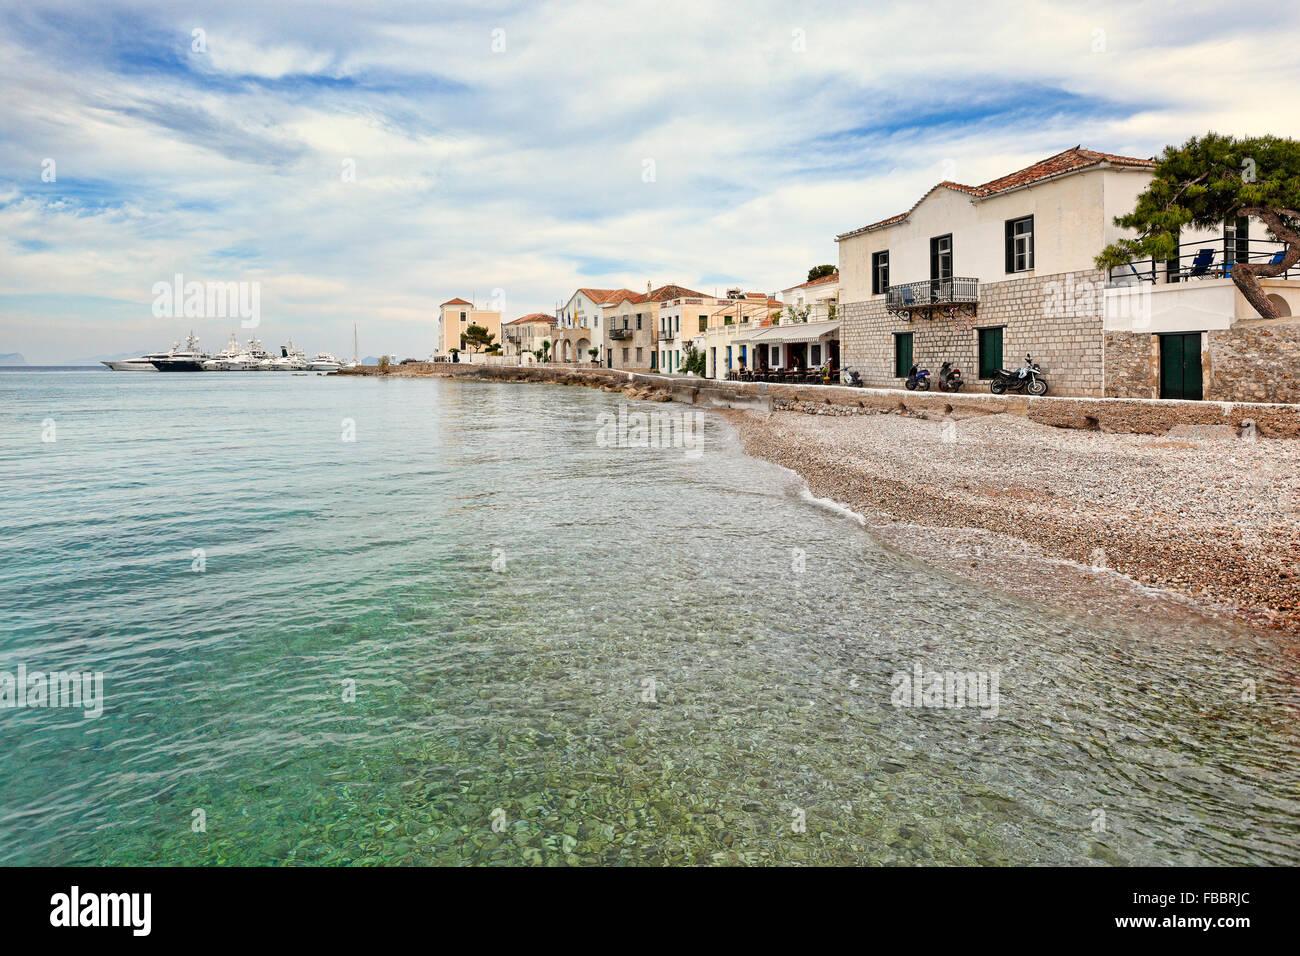 Maisons traditionnelles dans la ville de l'île de Spetses, Grèce Photo Stock